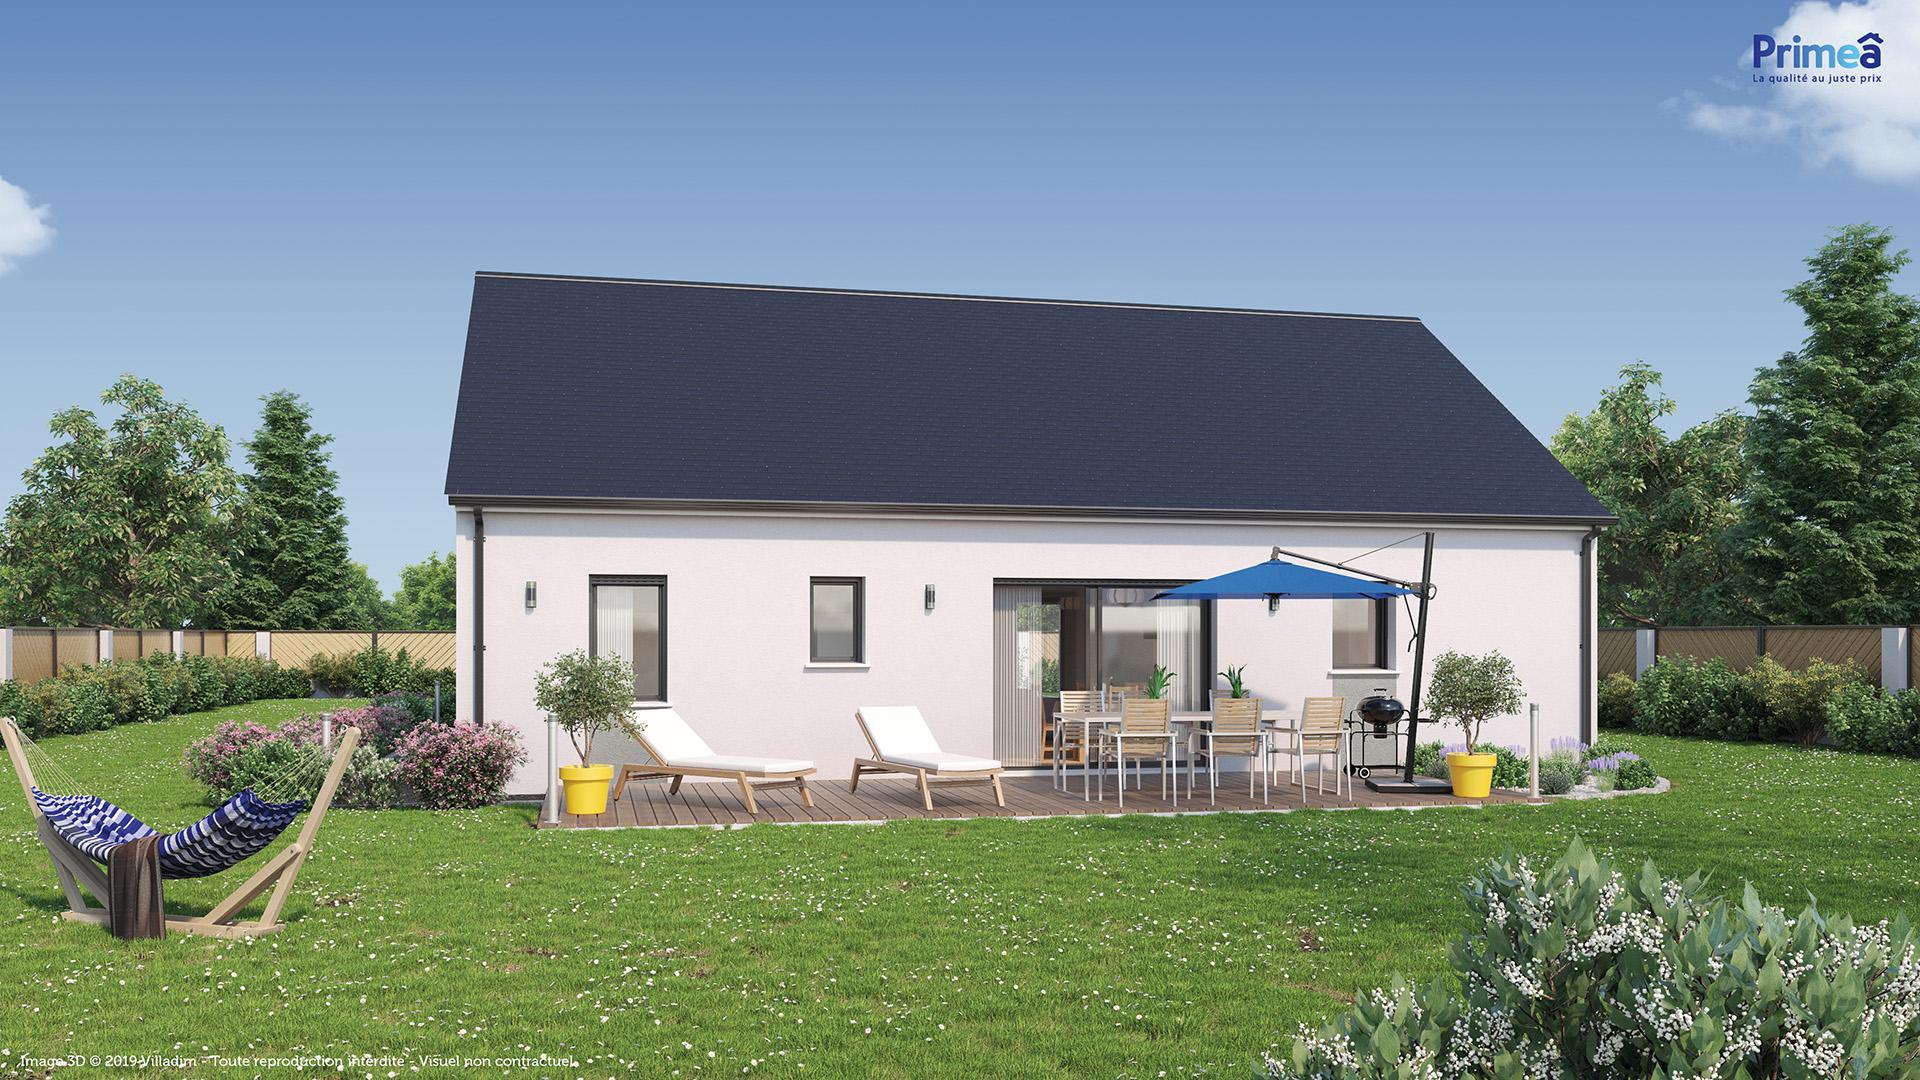 Maison à vendre à Sainte-Reine-de-Bretagne